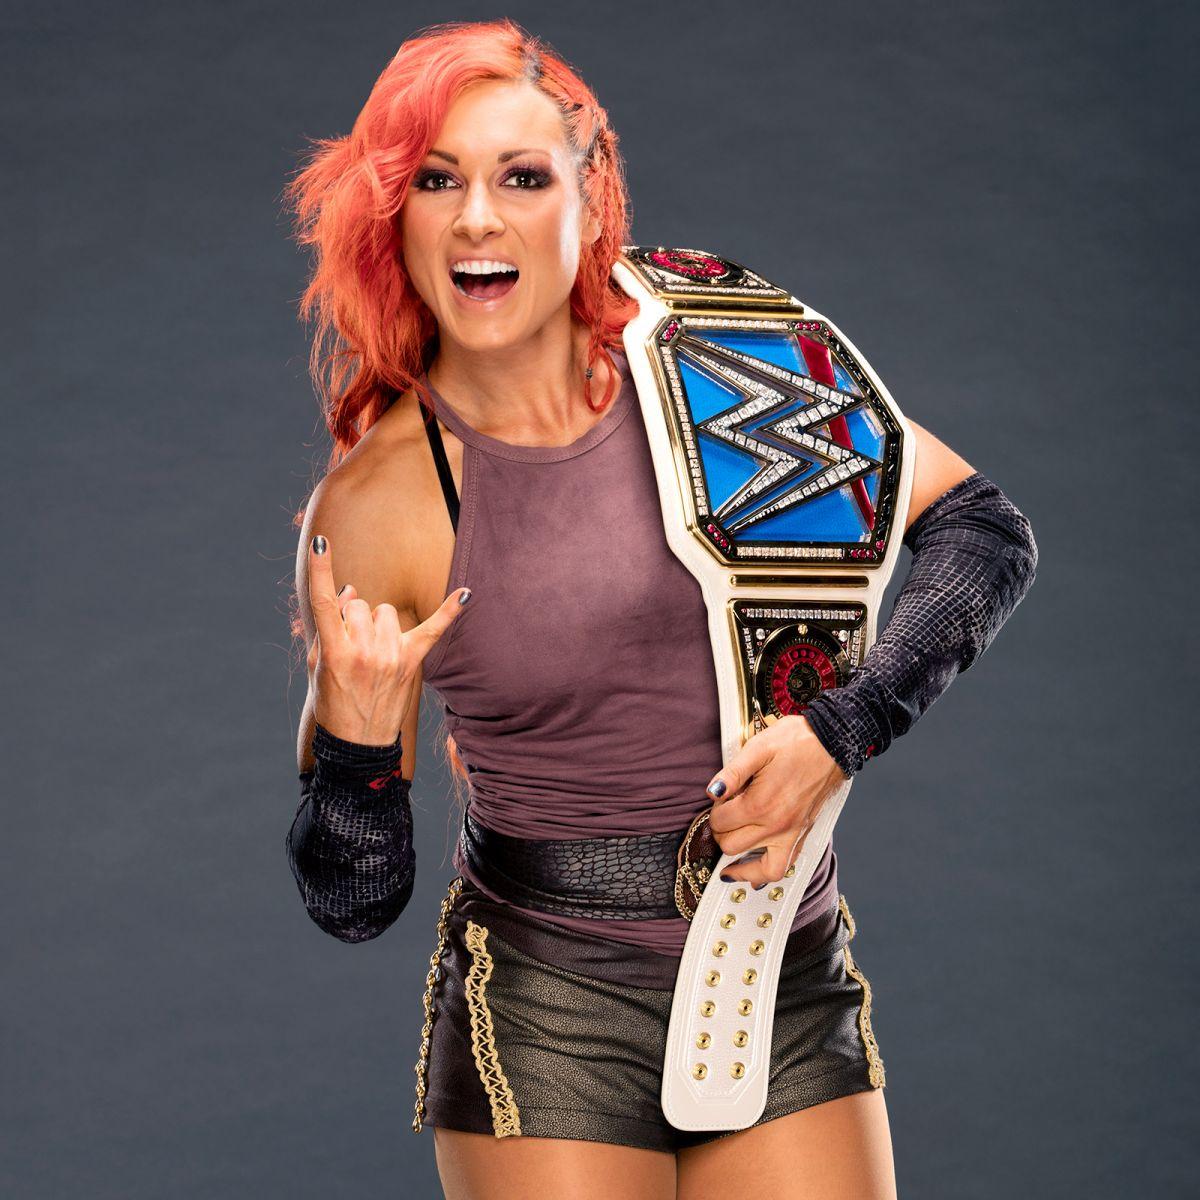 WWE - Becky Lynch SmackDown Women